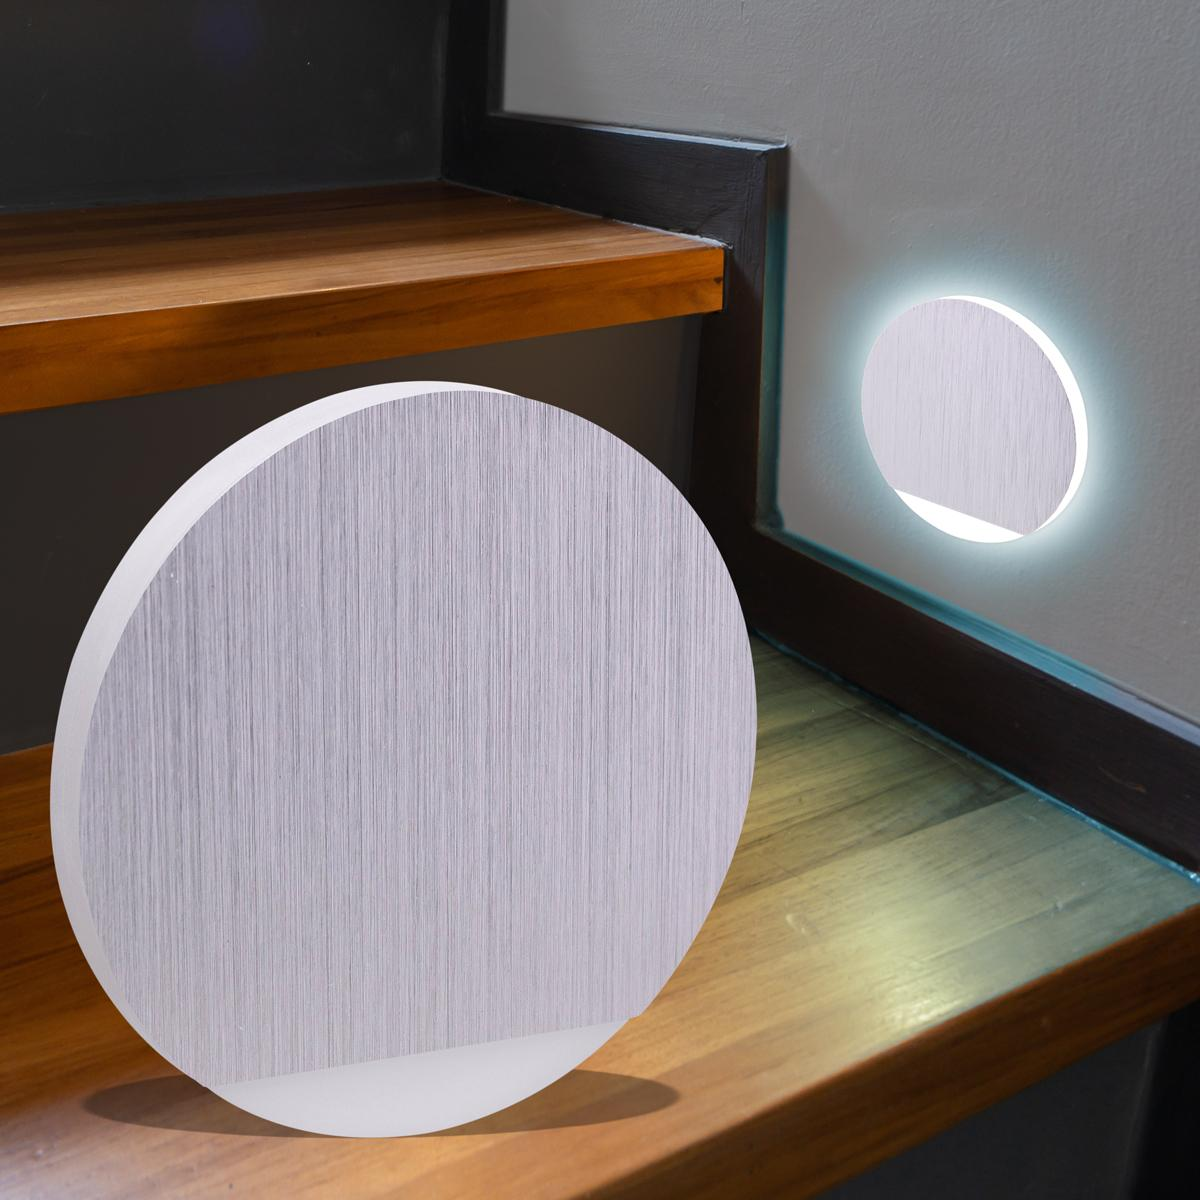 LED Treppenbeleuchtung rund Kaltweiß 230V 1.5W Alu-gebürstet Lichtaustritt seitlich&frontal